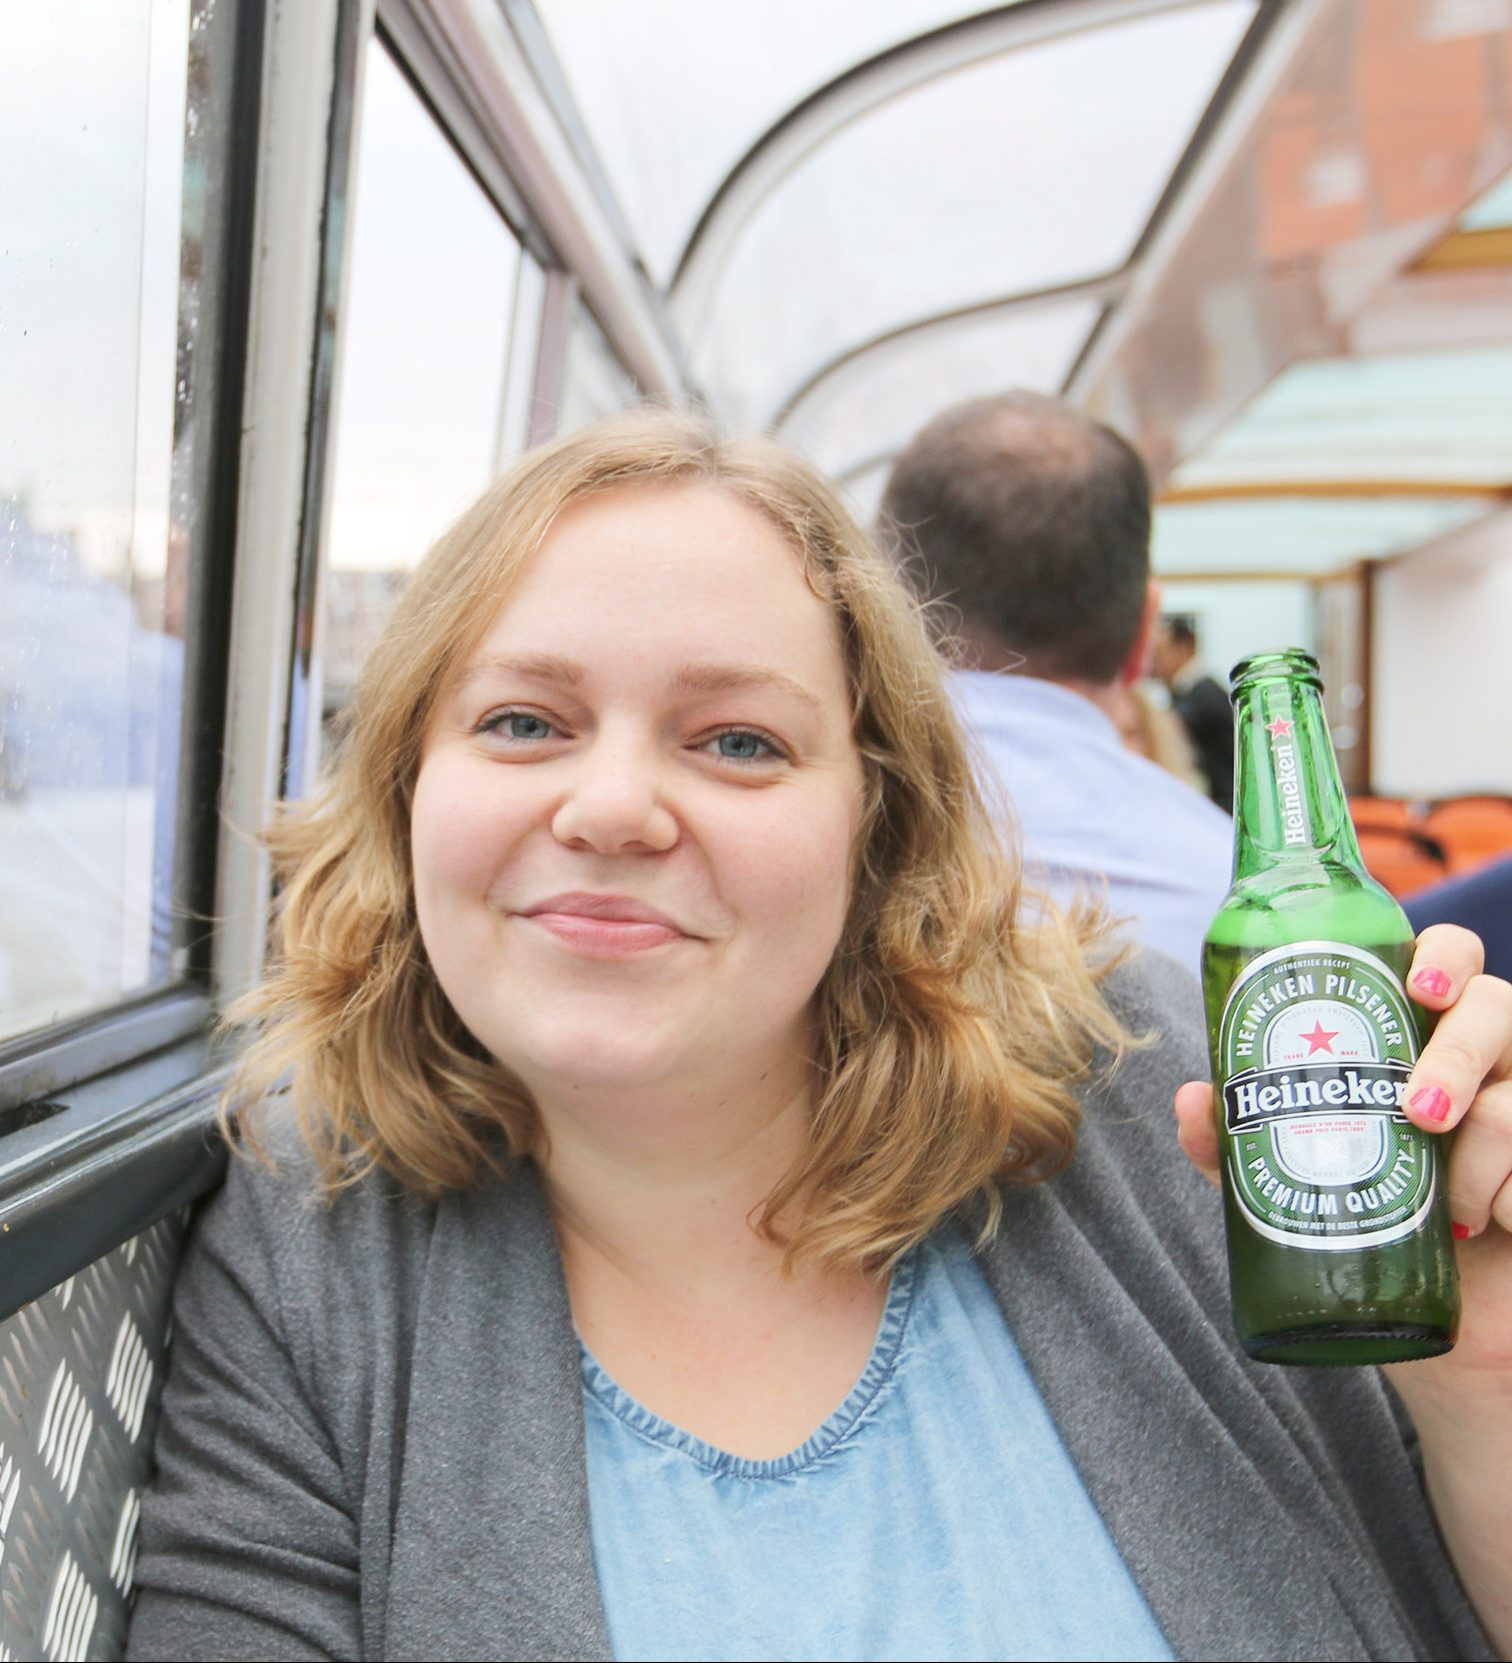 Grachtenfahrt Amsterdam Heineken